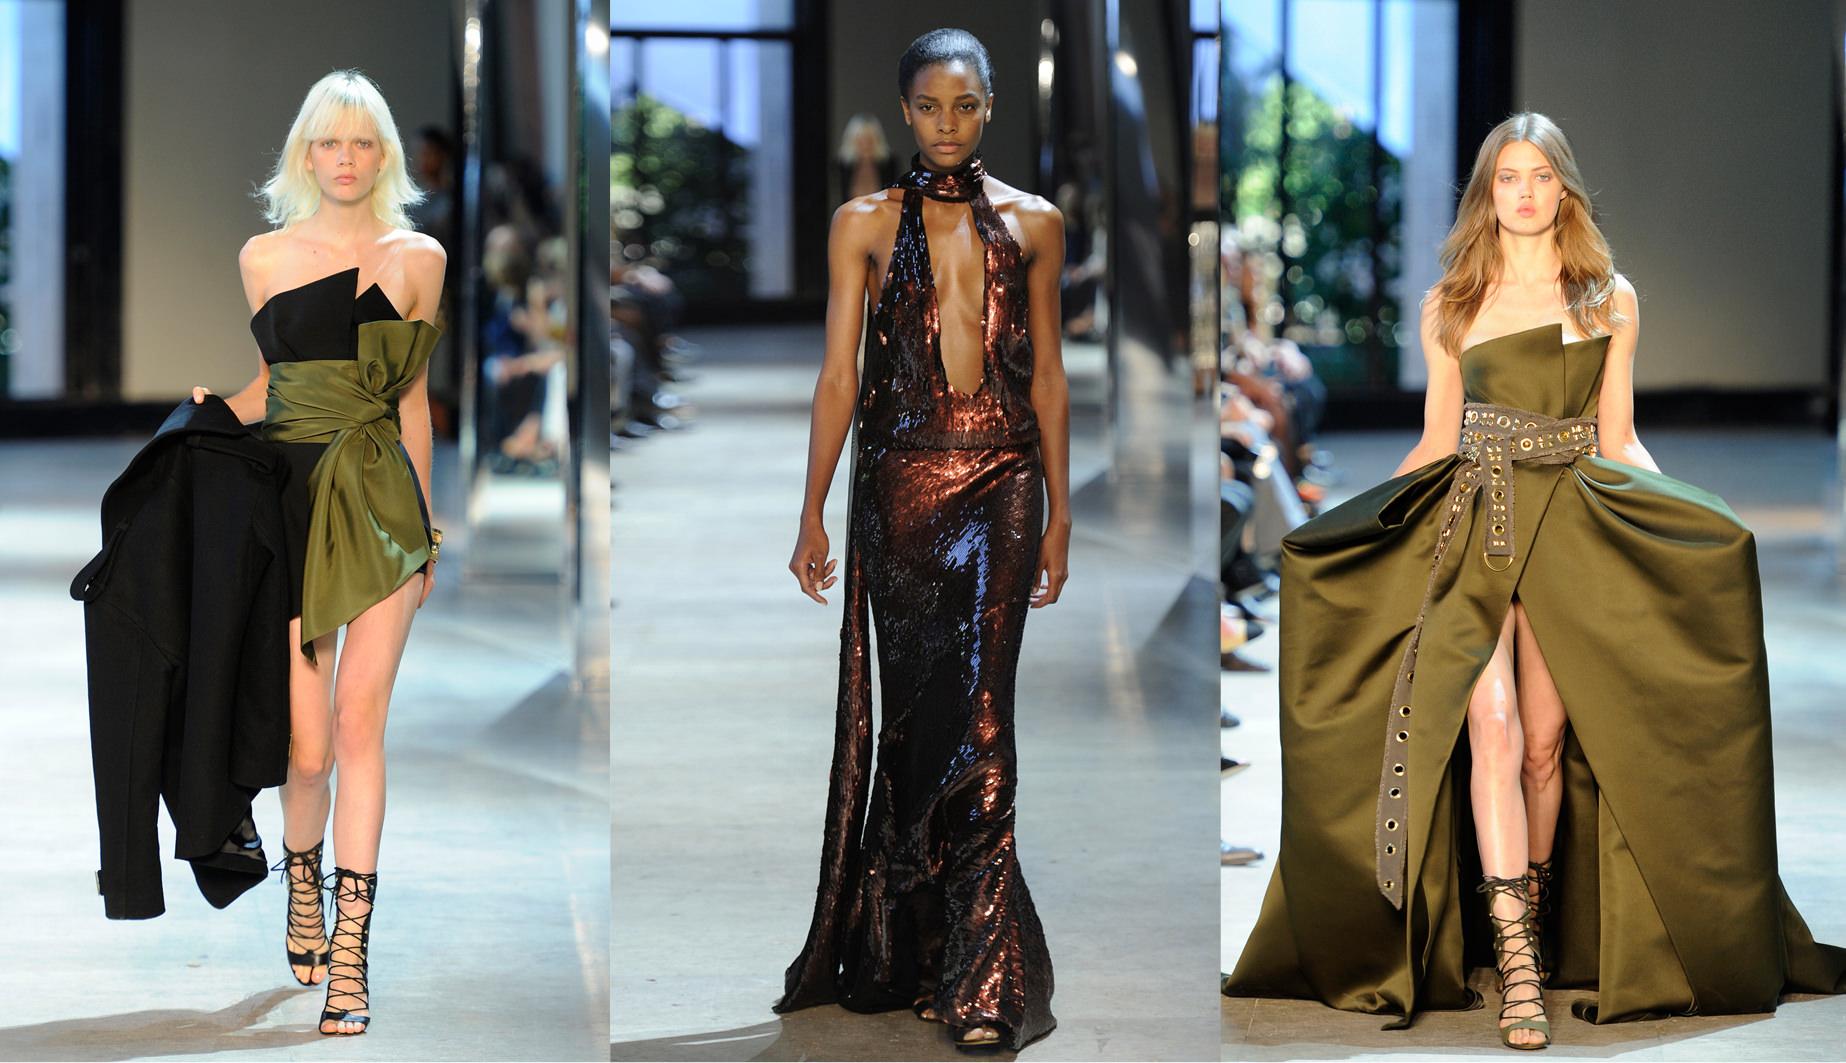 Le défilé haute couture Alexandre Vauthier automne-hiver 2016-2017.  Vous présentez pour la première fois des robes très volumineuses en taffetas, qui rasent le sol… Effectivement, c'est une nouvelle proposition. Je n'avais encore jamais traité ce genre de robes. Pourtant, j'ai toujours été fasciné par la haute couture des  années 50, mais je n'ai jamais eu envie jusqu'à présent de l'inclure dans mes collections, parce que je trouvais que ce n'était pas le moment. Mais cette fois, mélangée au reste de la collection, cette proposition semblait juste. Nous sommes partis de la base des volumes de Charles James [couturier anglo-américain des années 30 à 50 célébré pour ses volumes sculpturaux], que nous avons détournés, habillés avec une saharienne ou hybridés avec une résille, pour les moderniser.